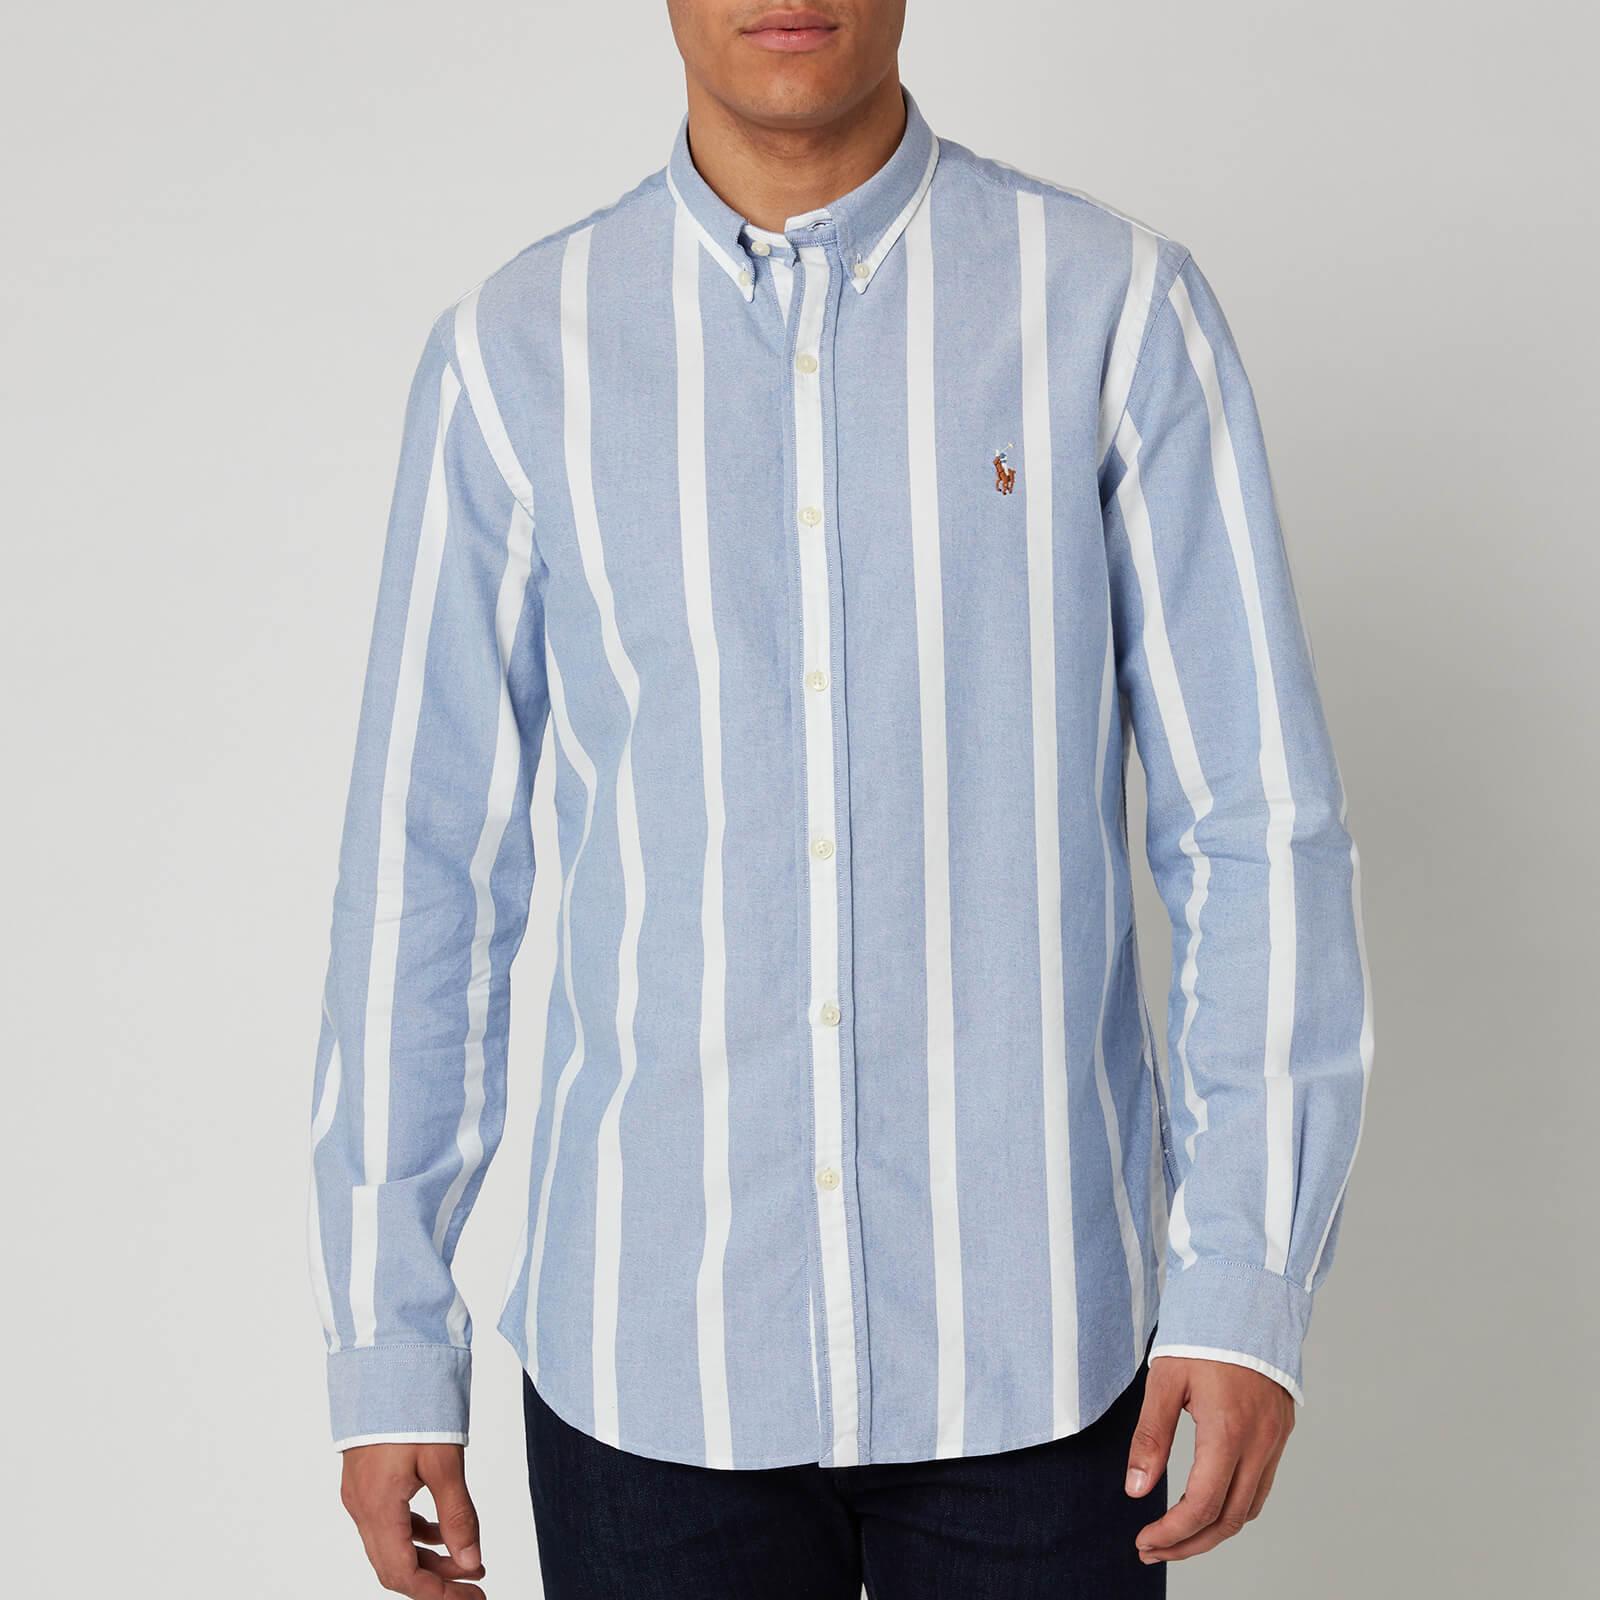 Polo Ralph Lauren Men's Long Sleeve Sport Shirt - Blue/White - S